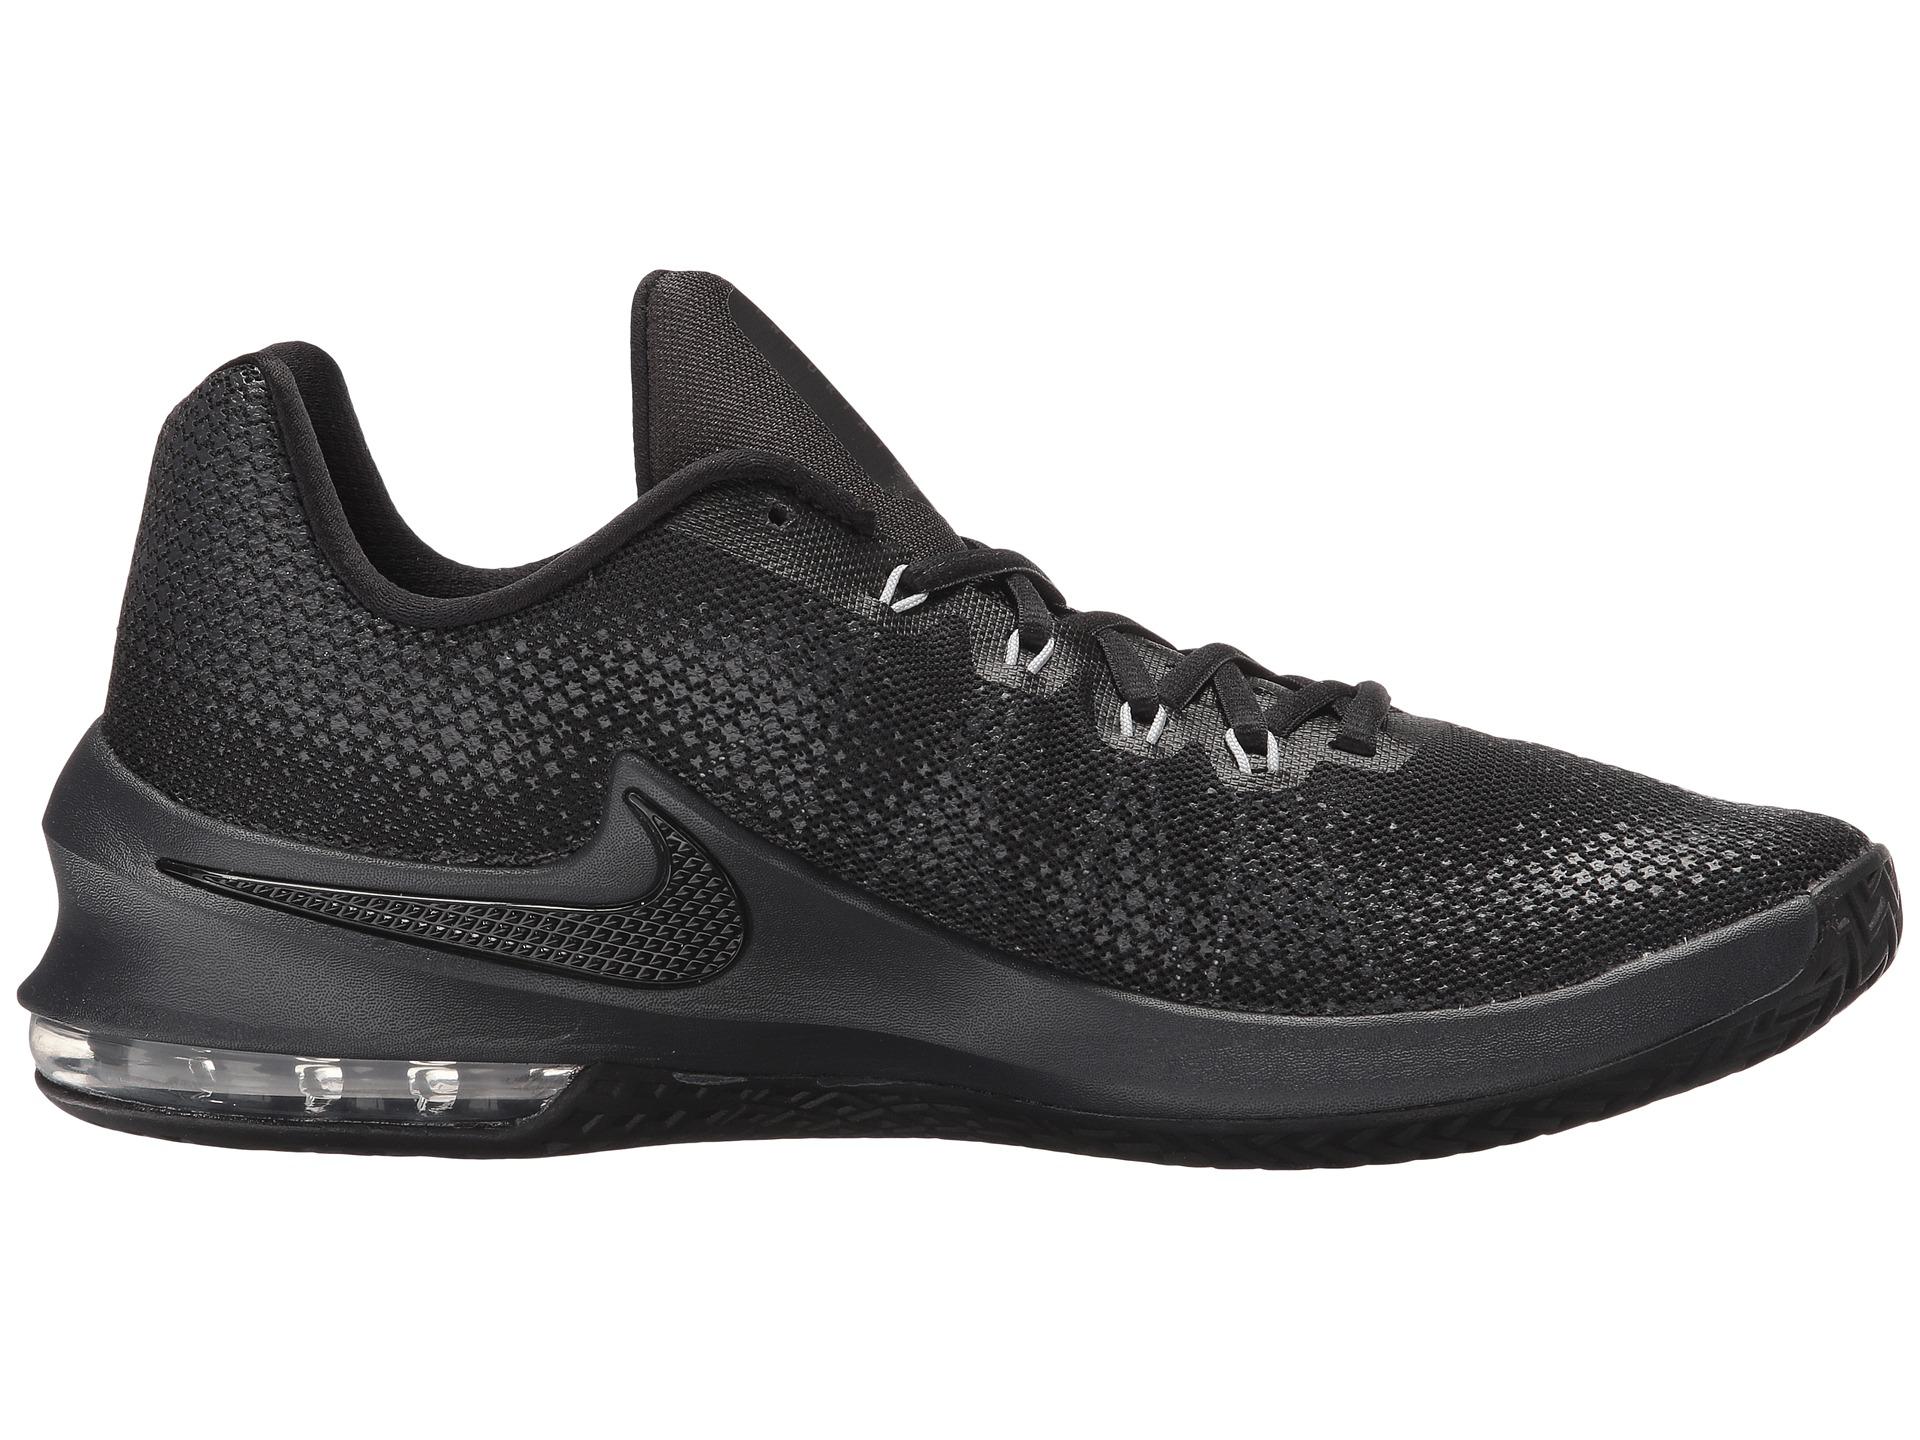 Nike Air Max Infuriate Sepatu Basket Low Red Original 852457 600 At Zappos